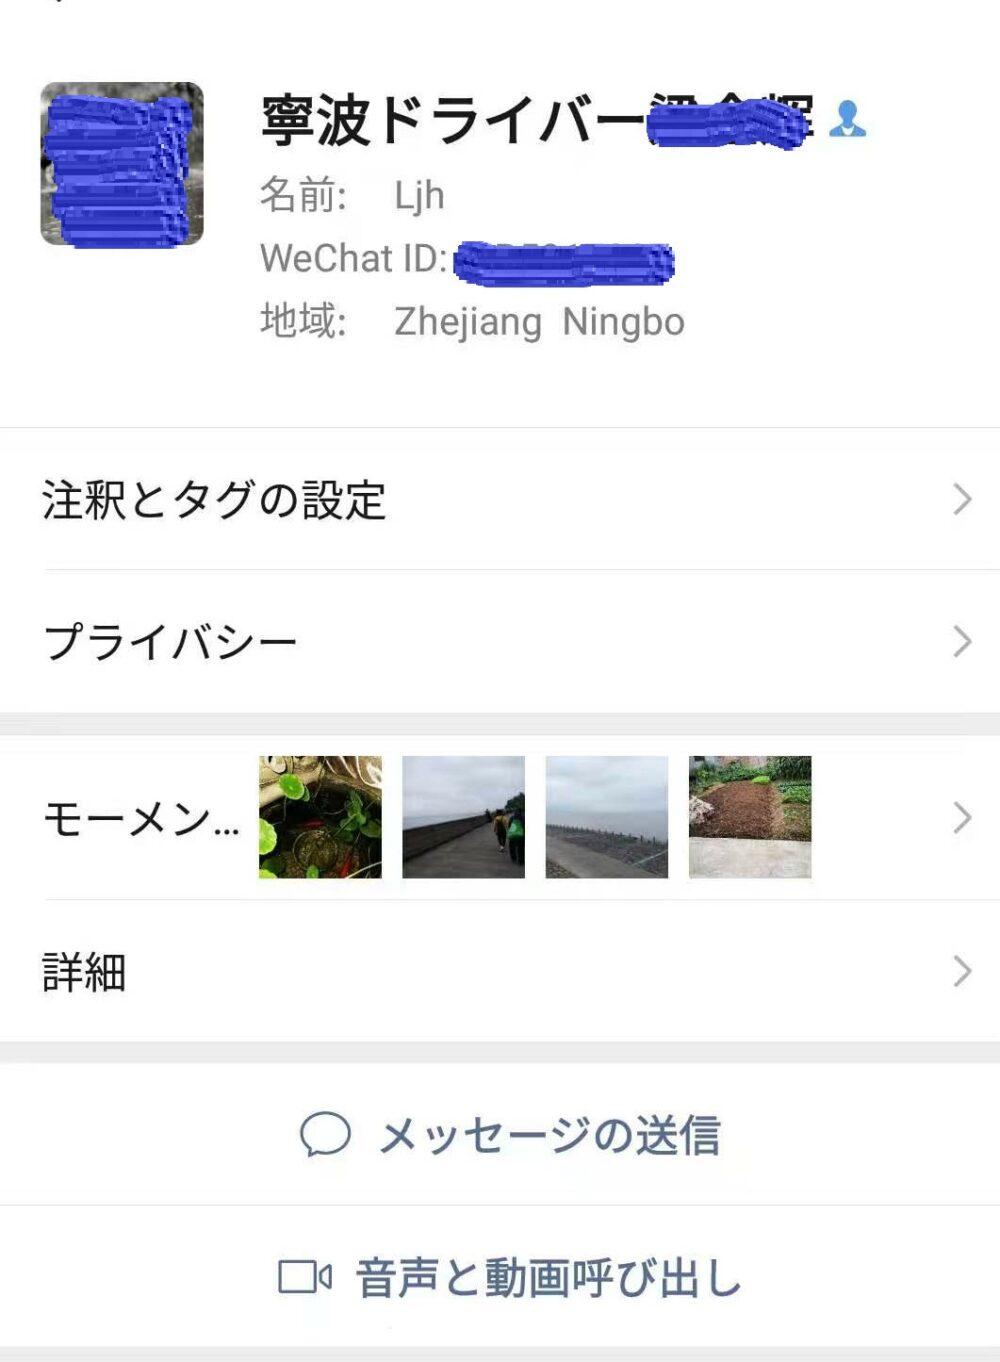 中国旅行でドライバーとWeChatを交換した時の画面の写真